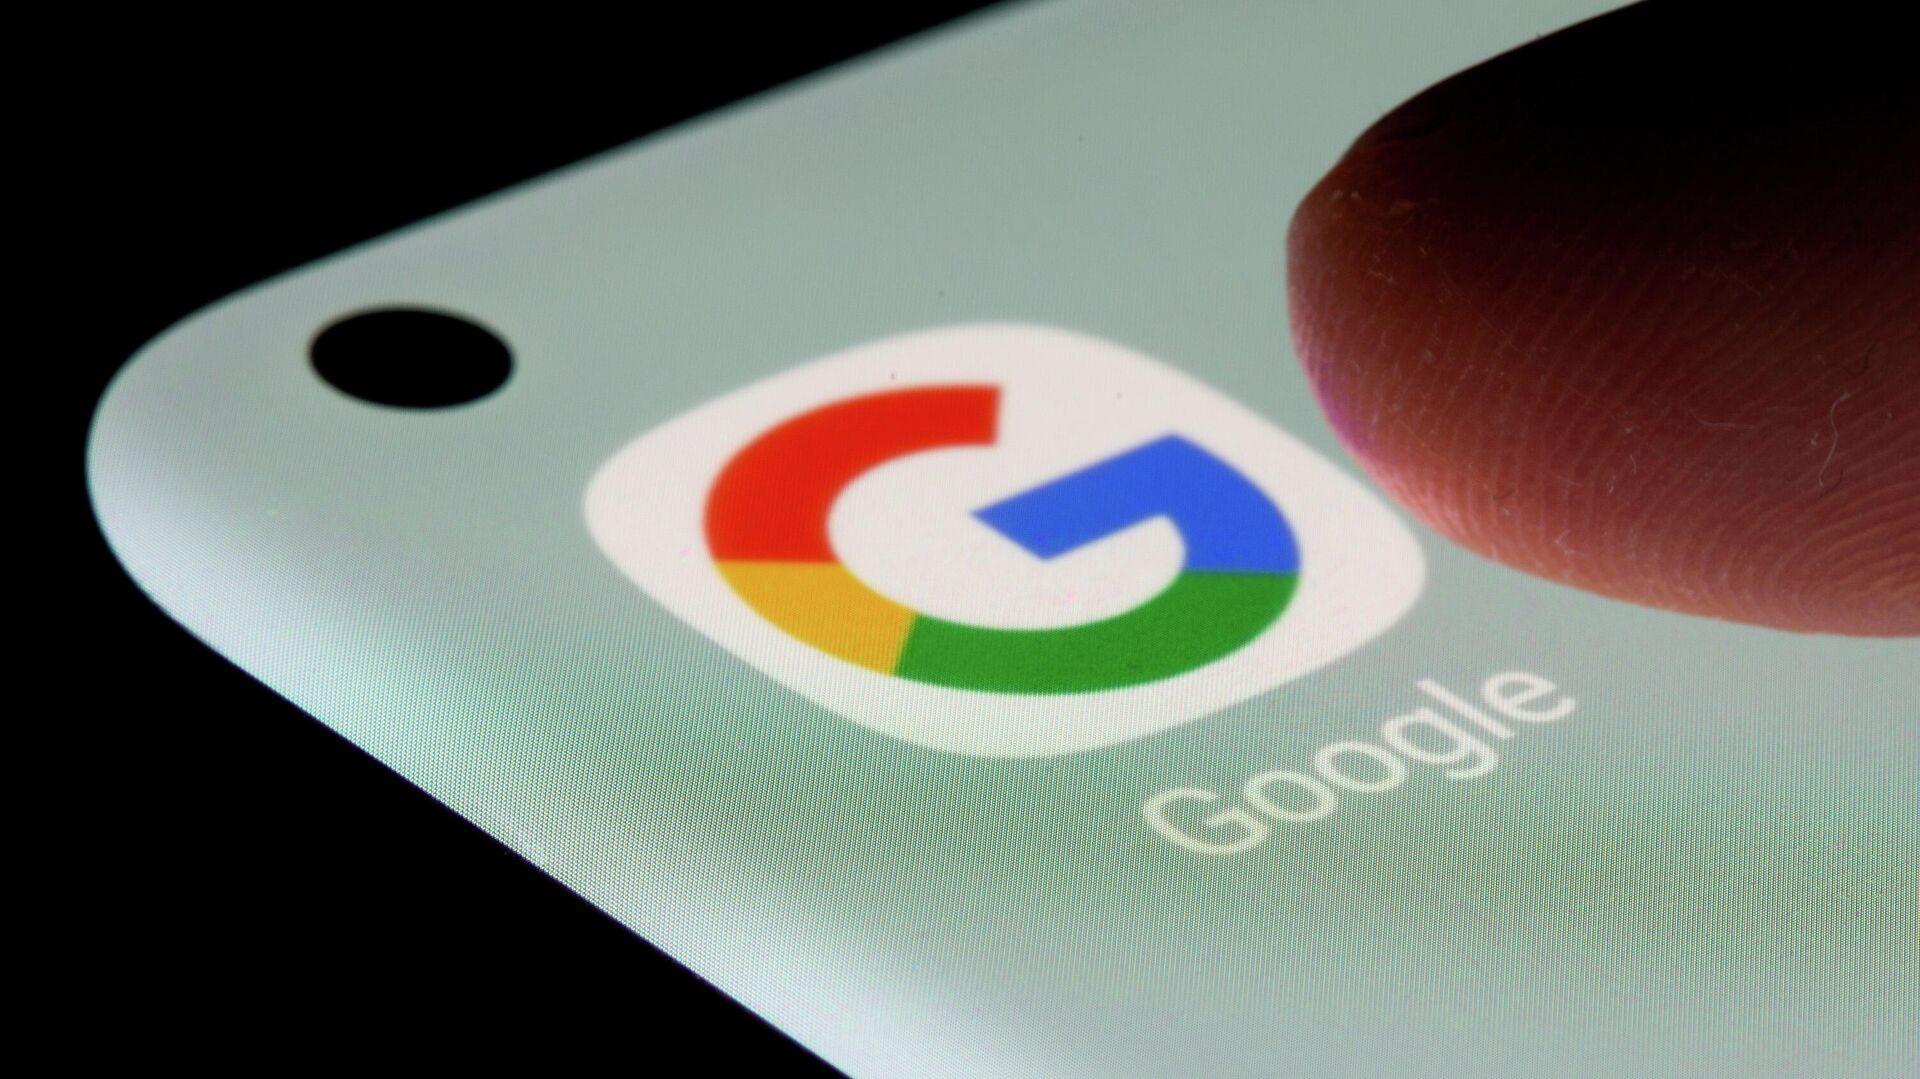 Das Logo der Suchmaschine Google auf dem Bildschirm eines Smartphones zu sehen - SNA, 1920, 01.10.2021